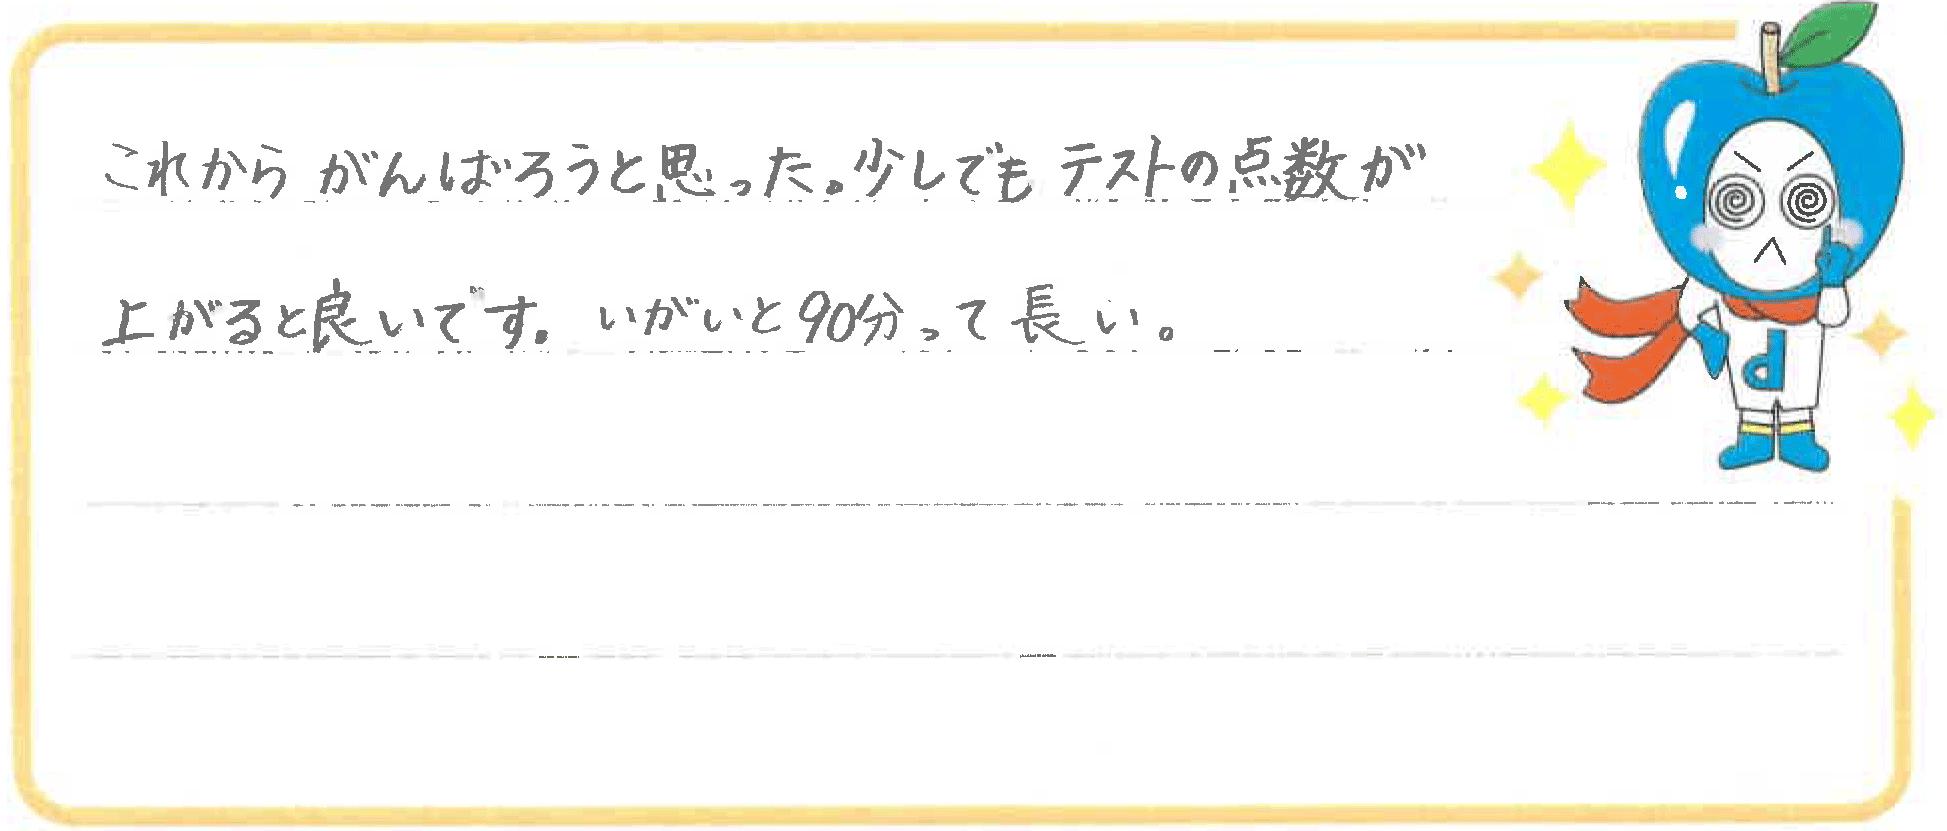 Aちゃん(あわら市)からの口コミ